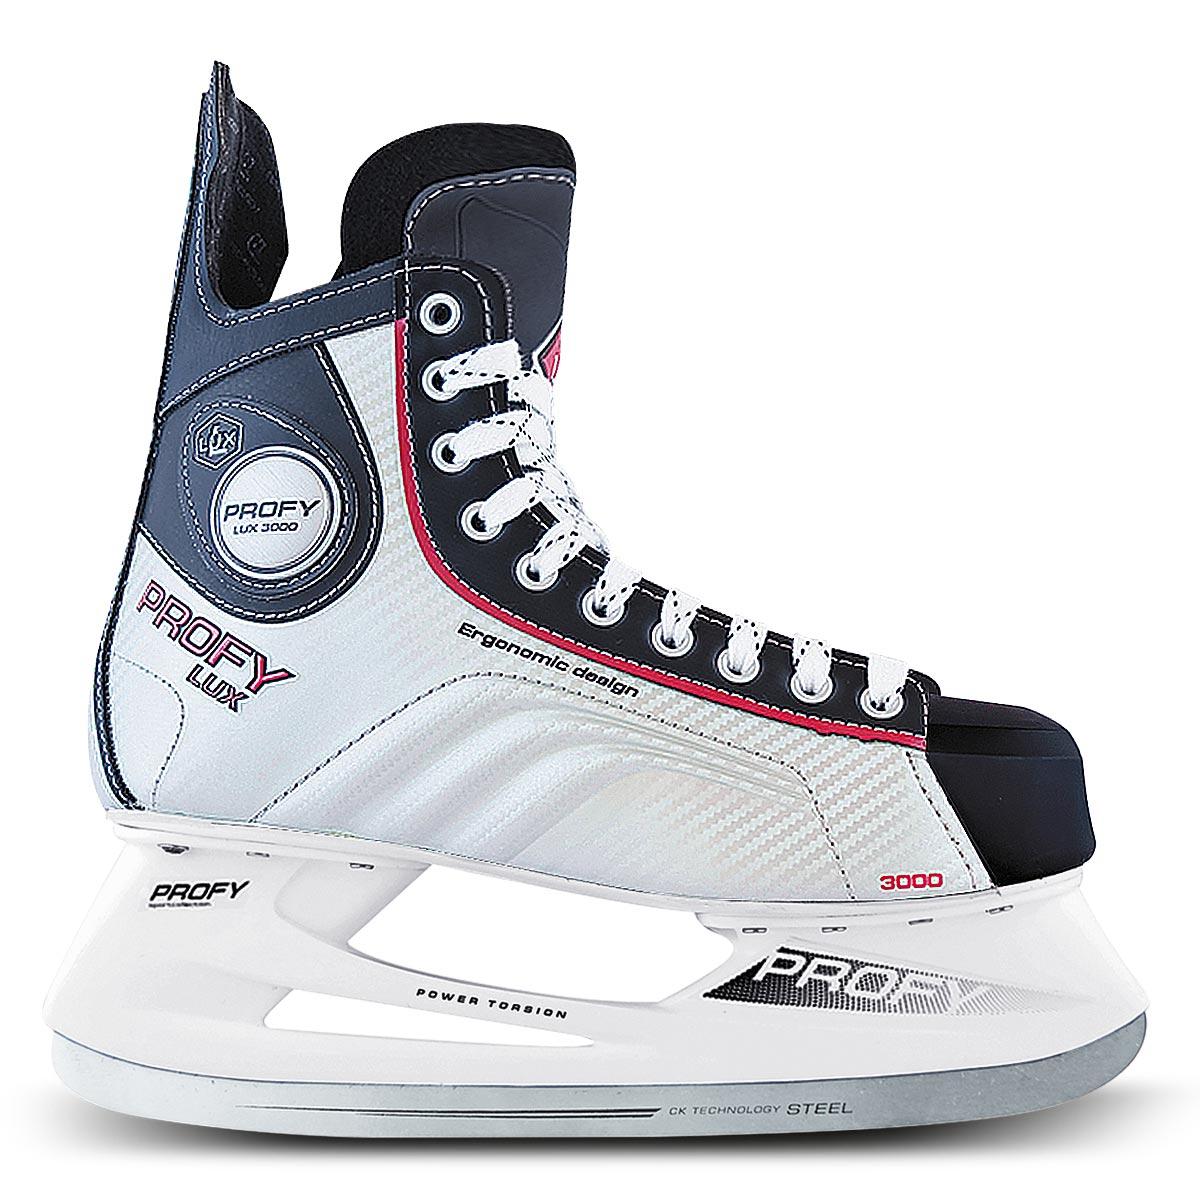 Коньки хоккейные мужские СК Profy Lux 3000, цвет: черный, серебряный, красный. Размер 41 PROFY LUX 3000 Red_41